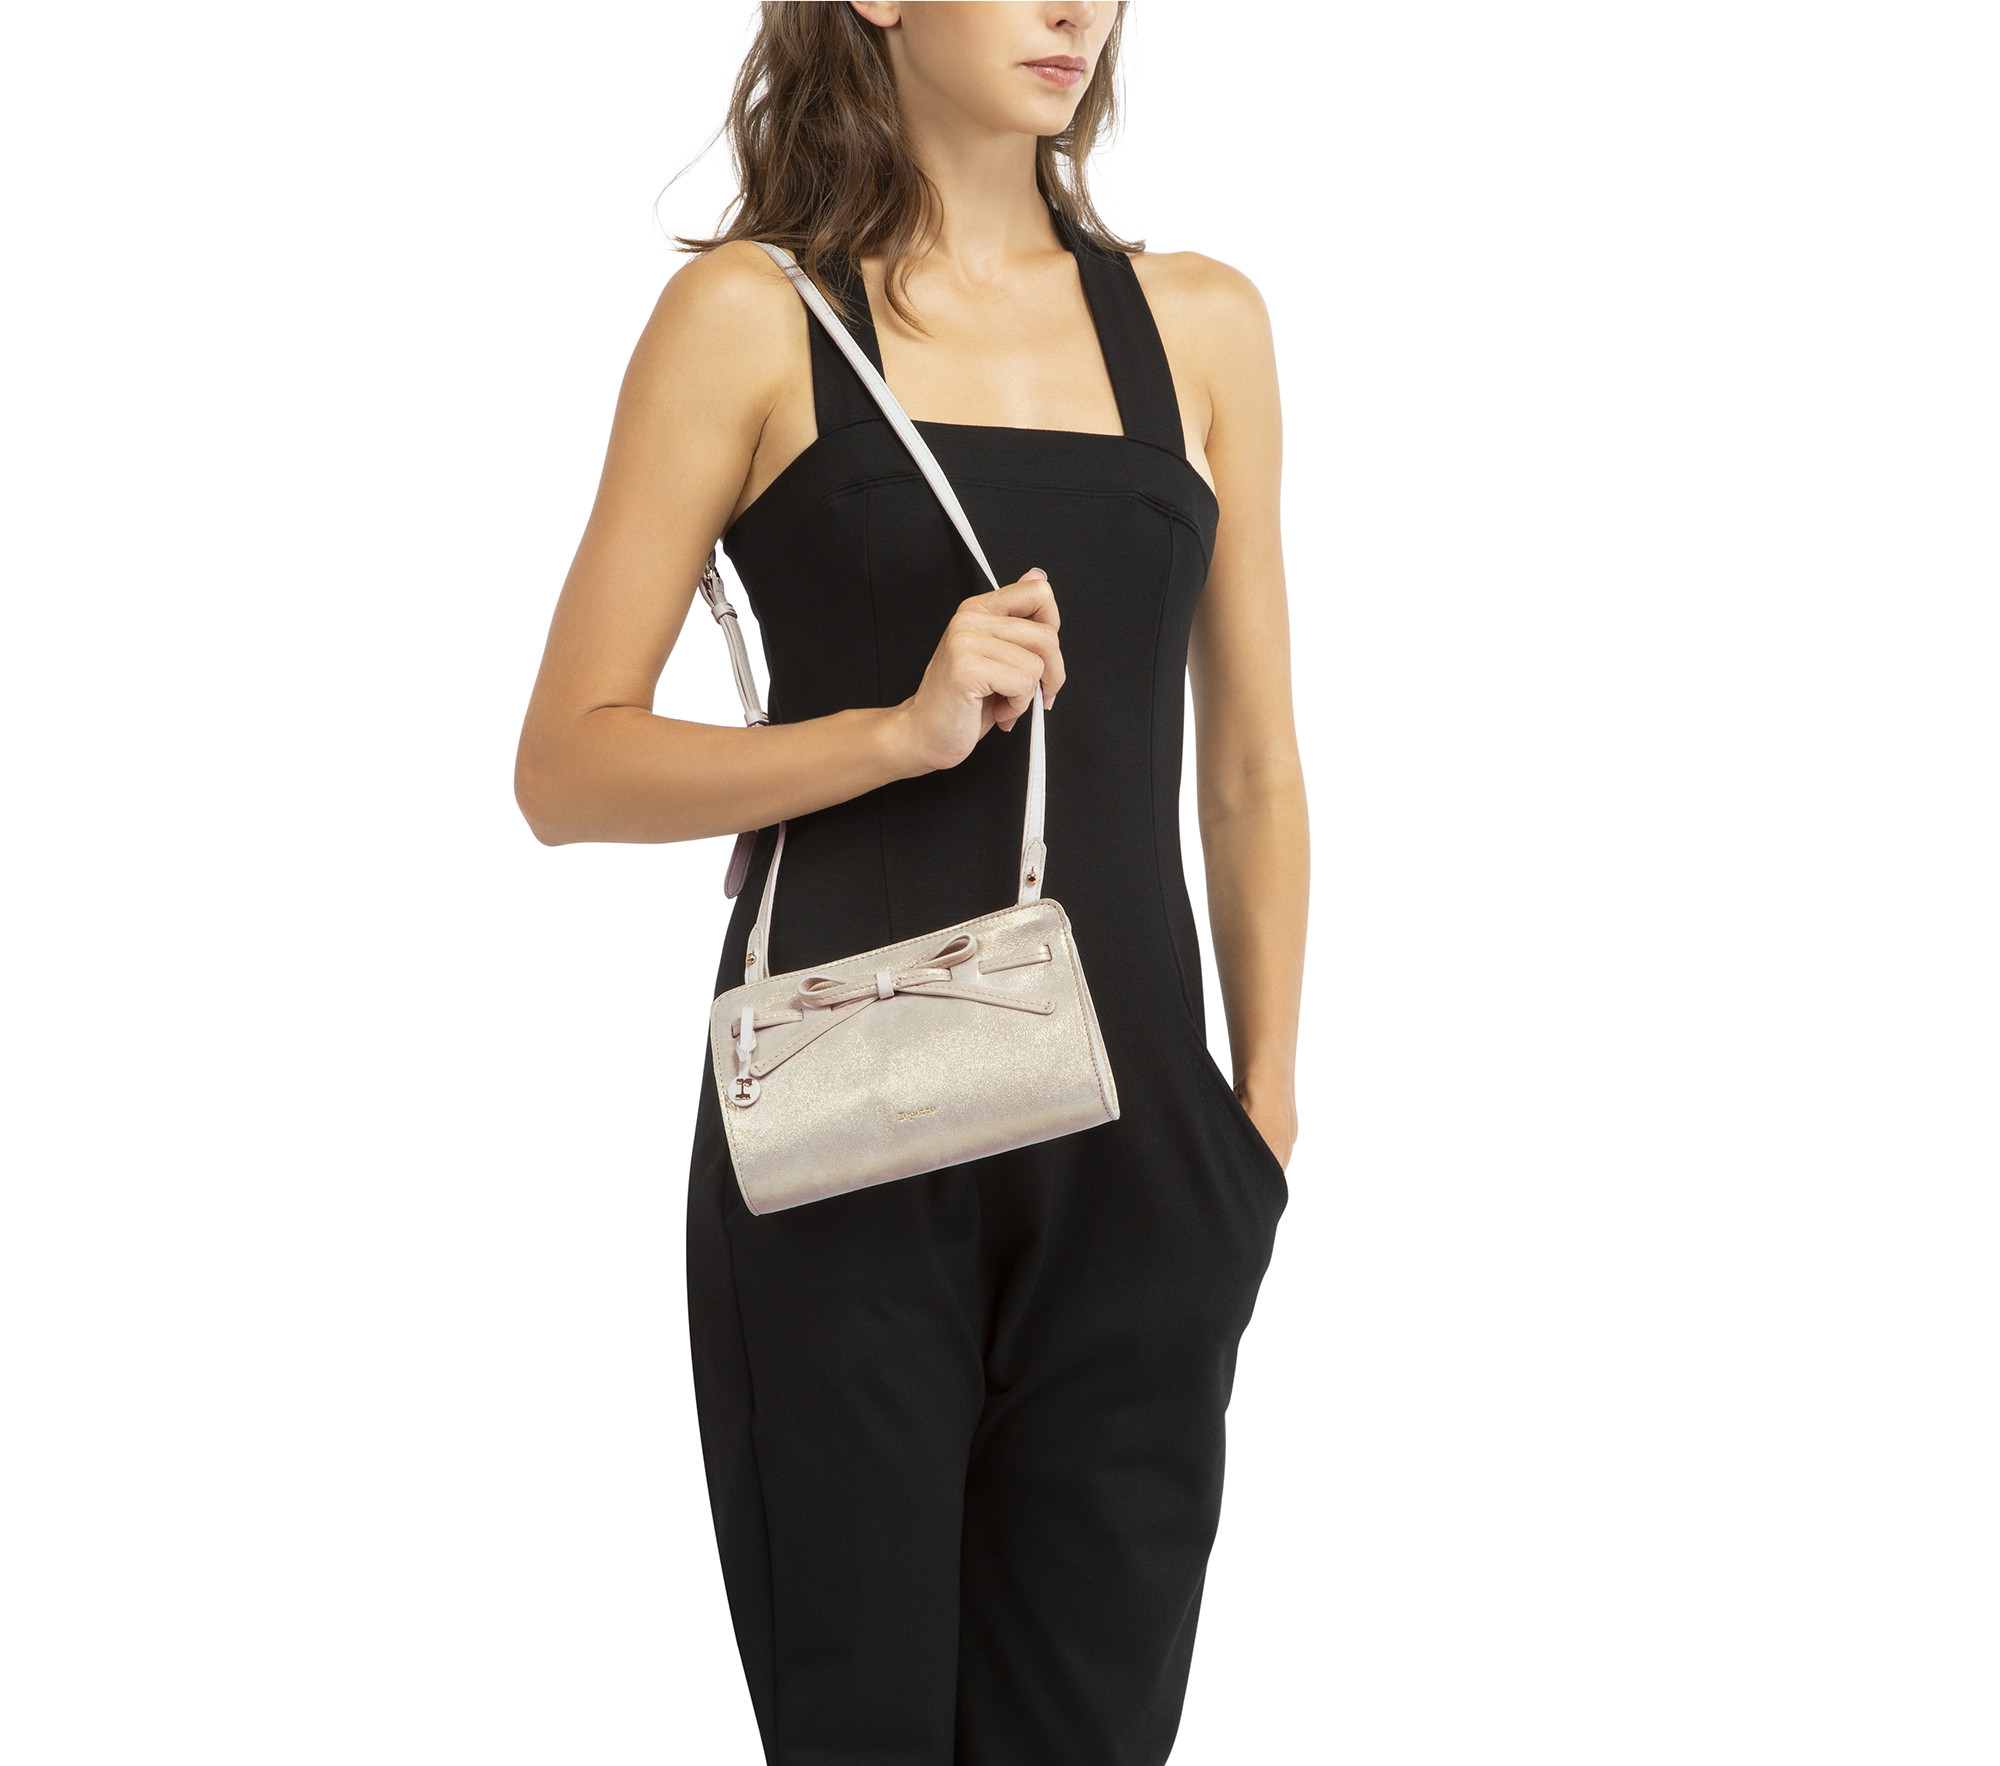 Arabesque clutch bag